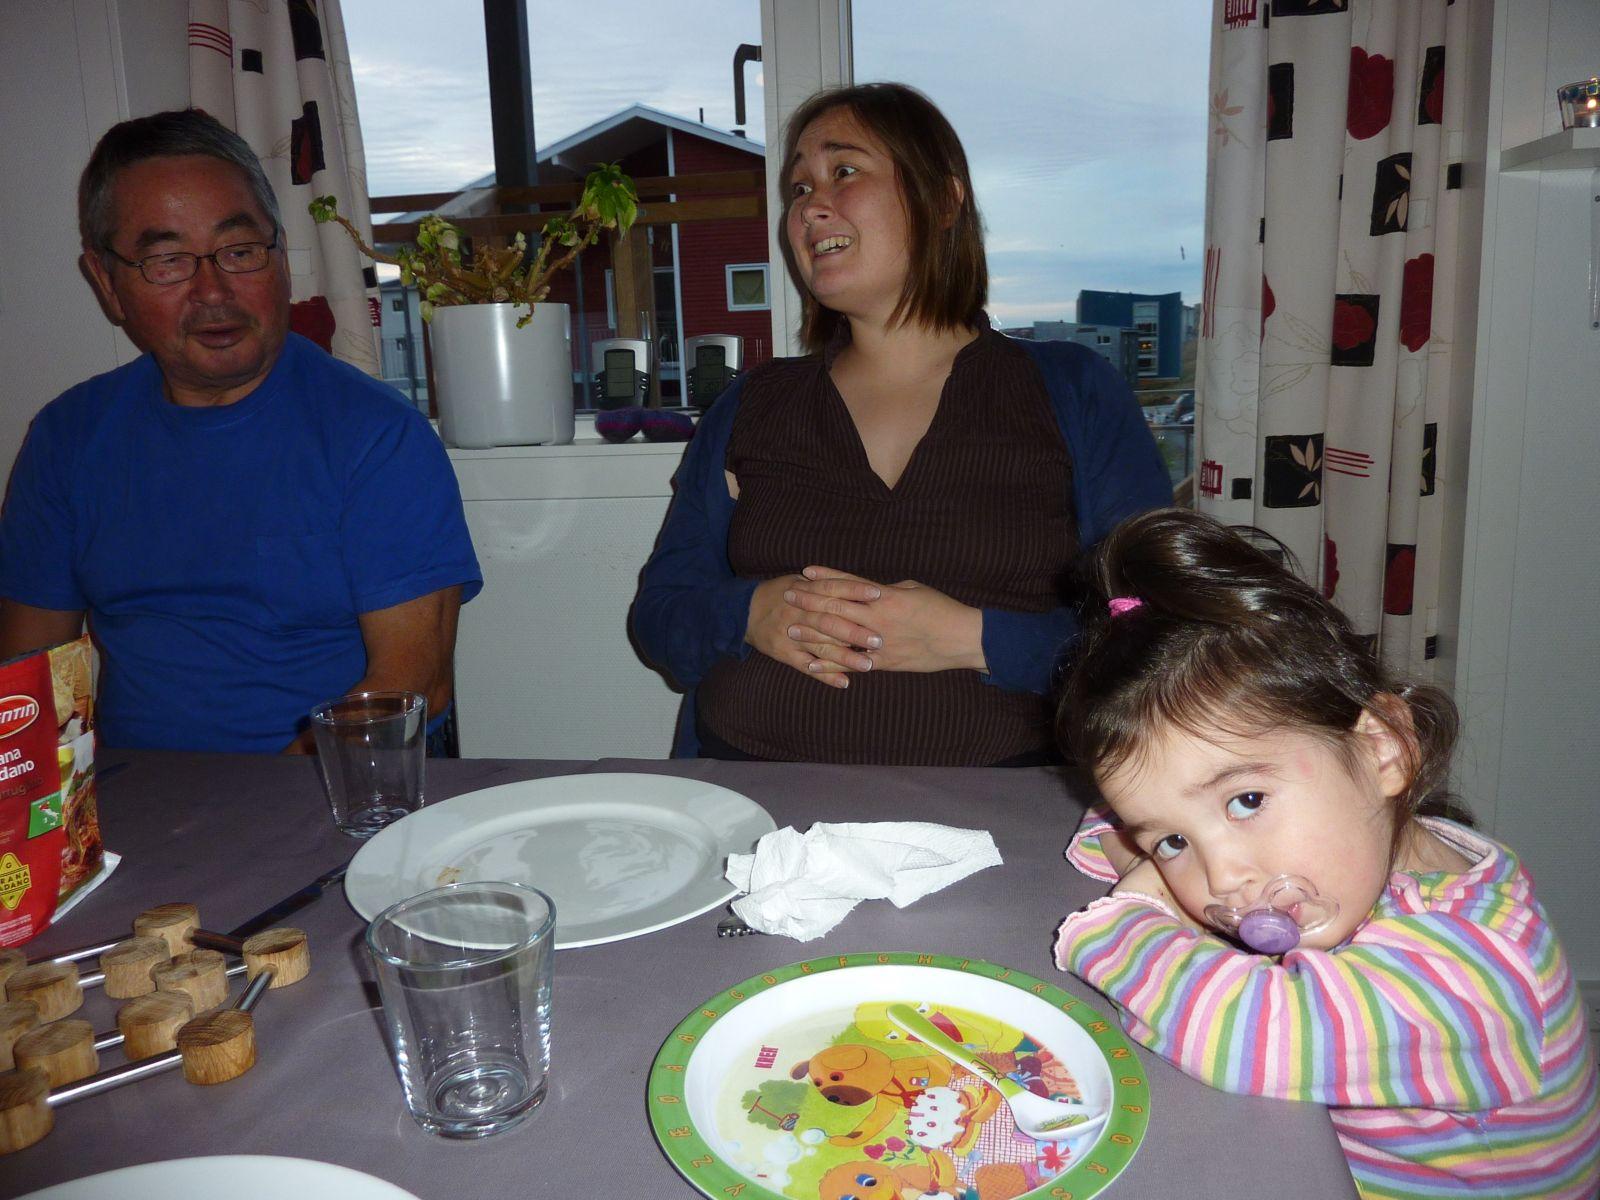 2010-10-07-1819_-_Jørgen Labansen; Maritha Eugenius Labansen; Qupanuk Eugenius Labansen